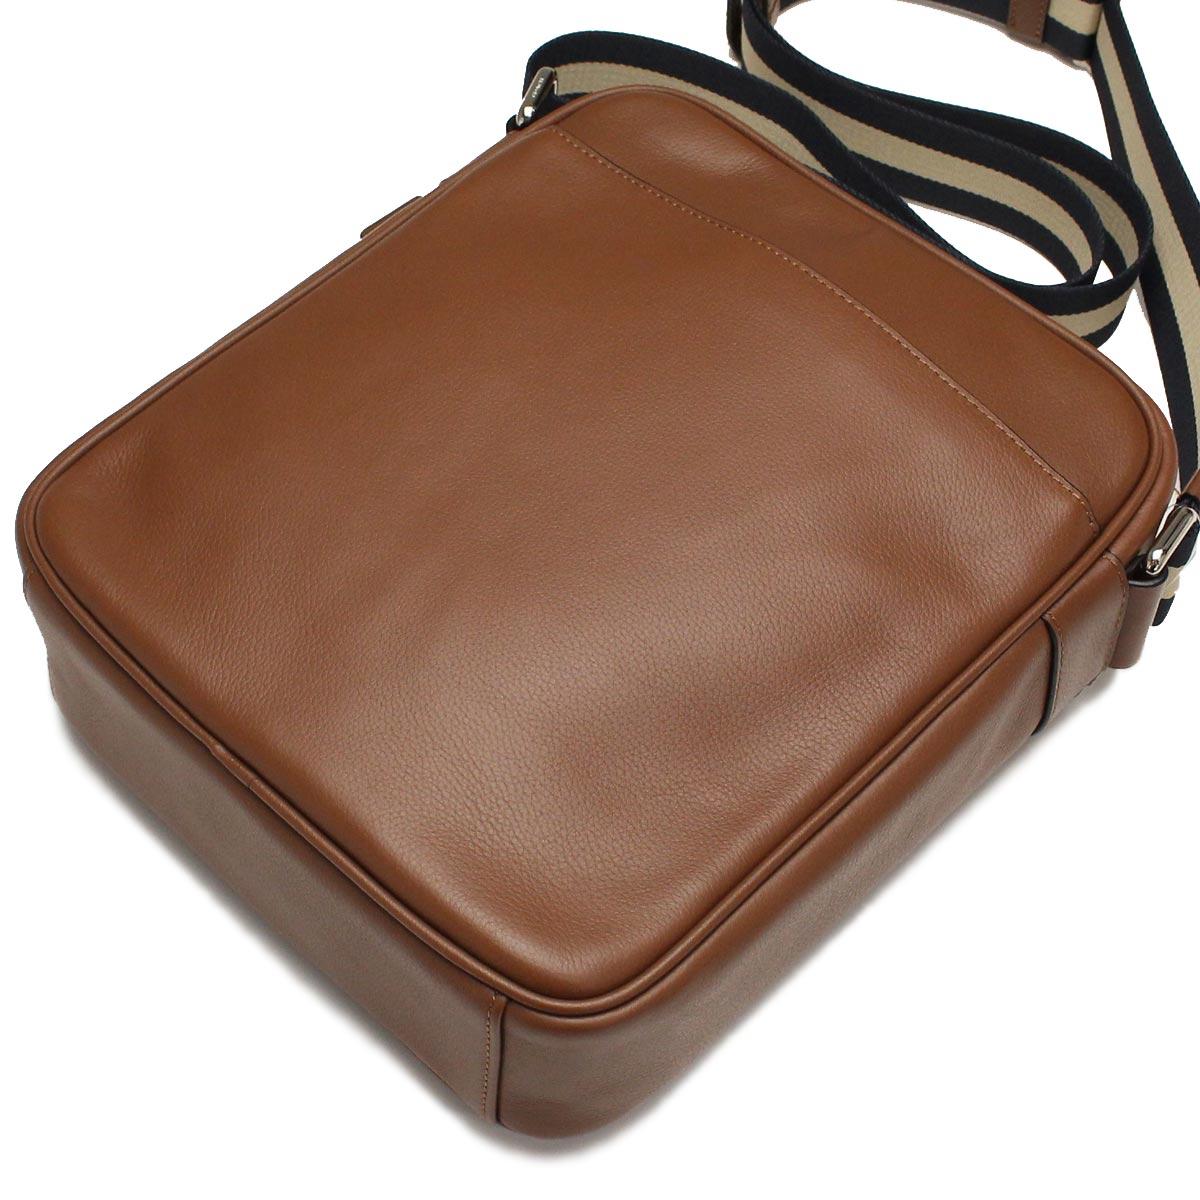 Túi Coach F54782 CWH màu cà phê sữa sử dụng chất liệu da cao cấp giúp bề mặt sản phẩm đẹp hơn, bền hơn